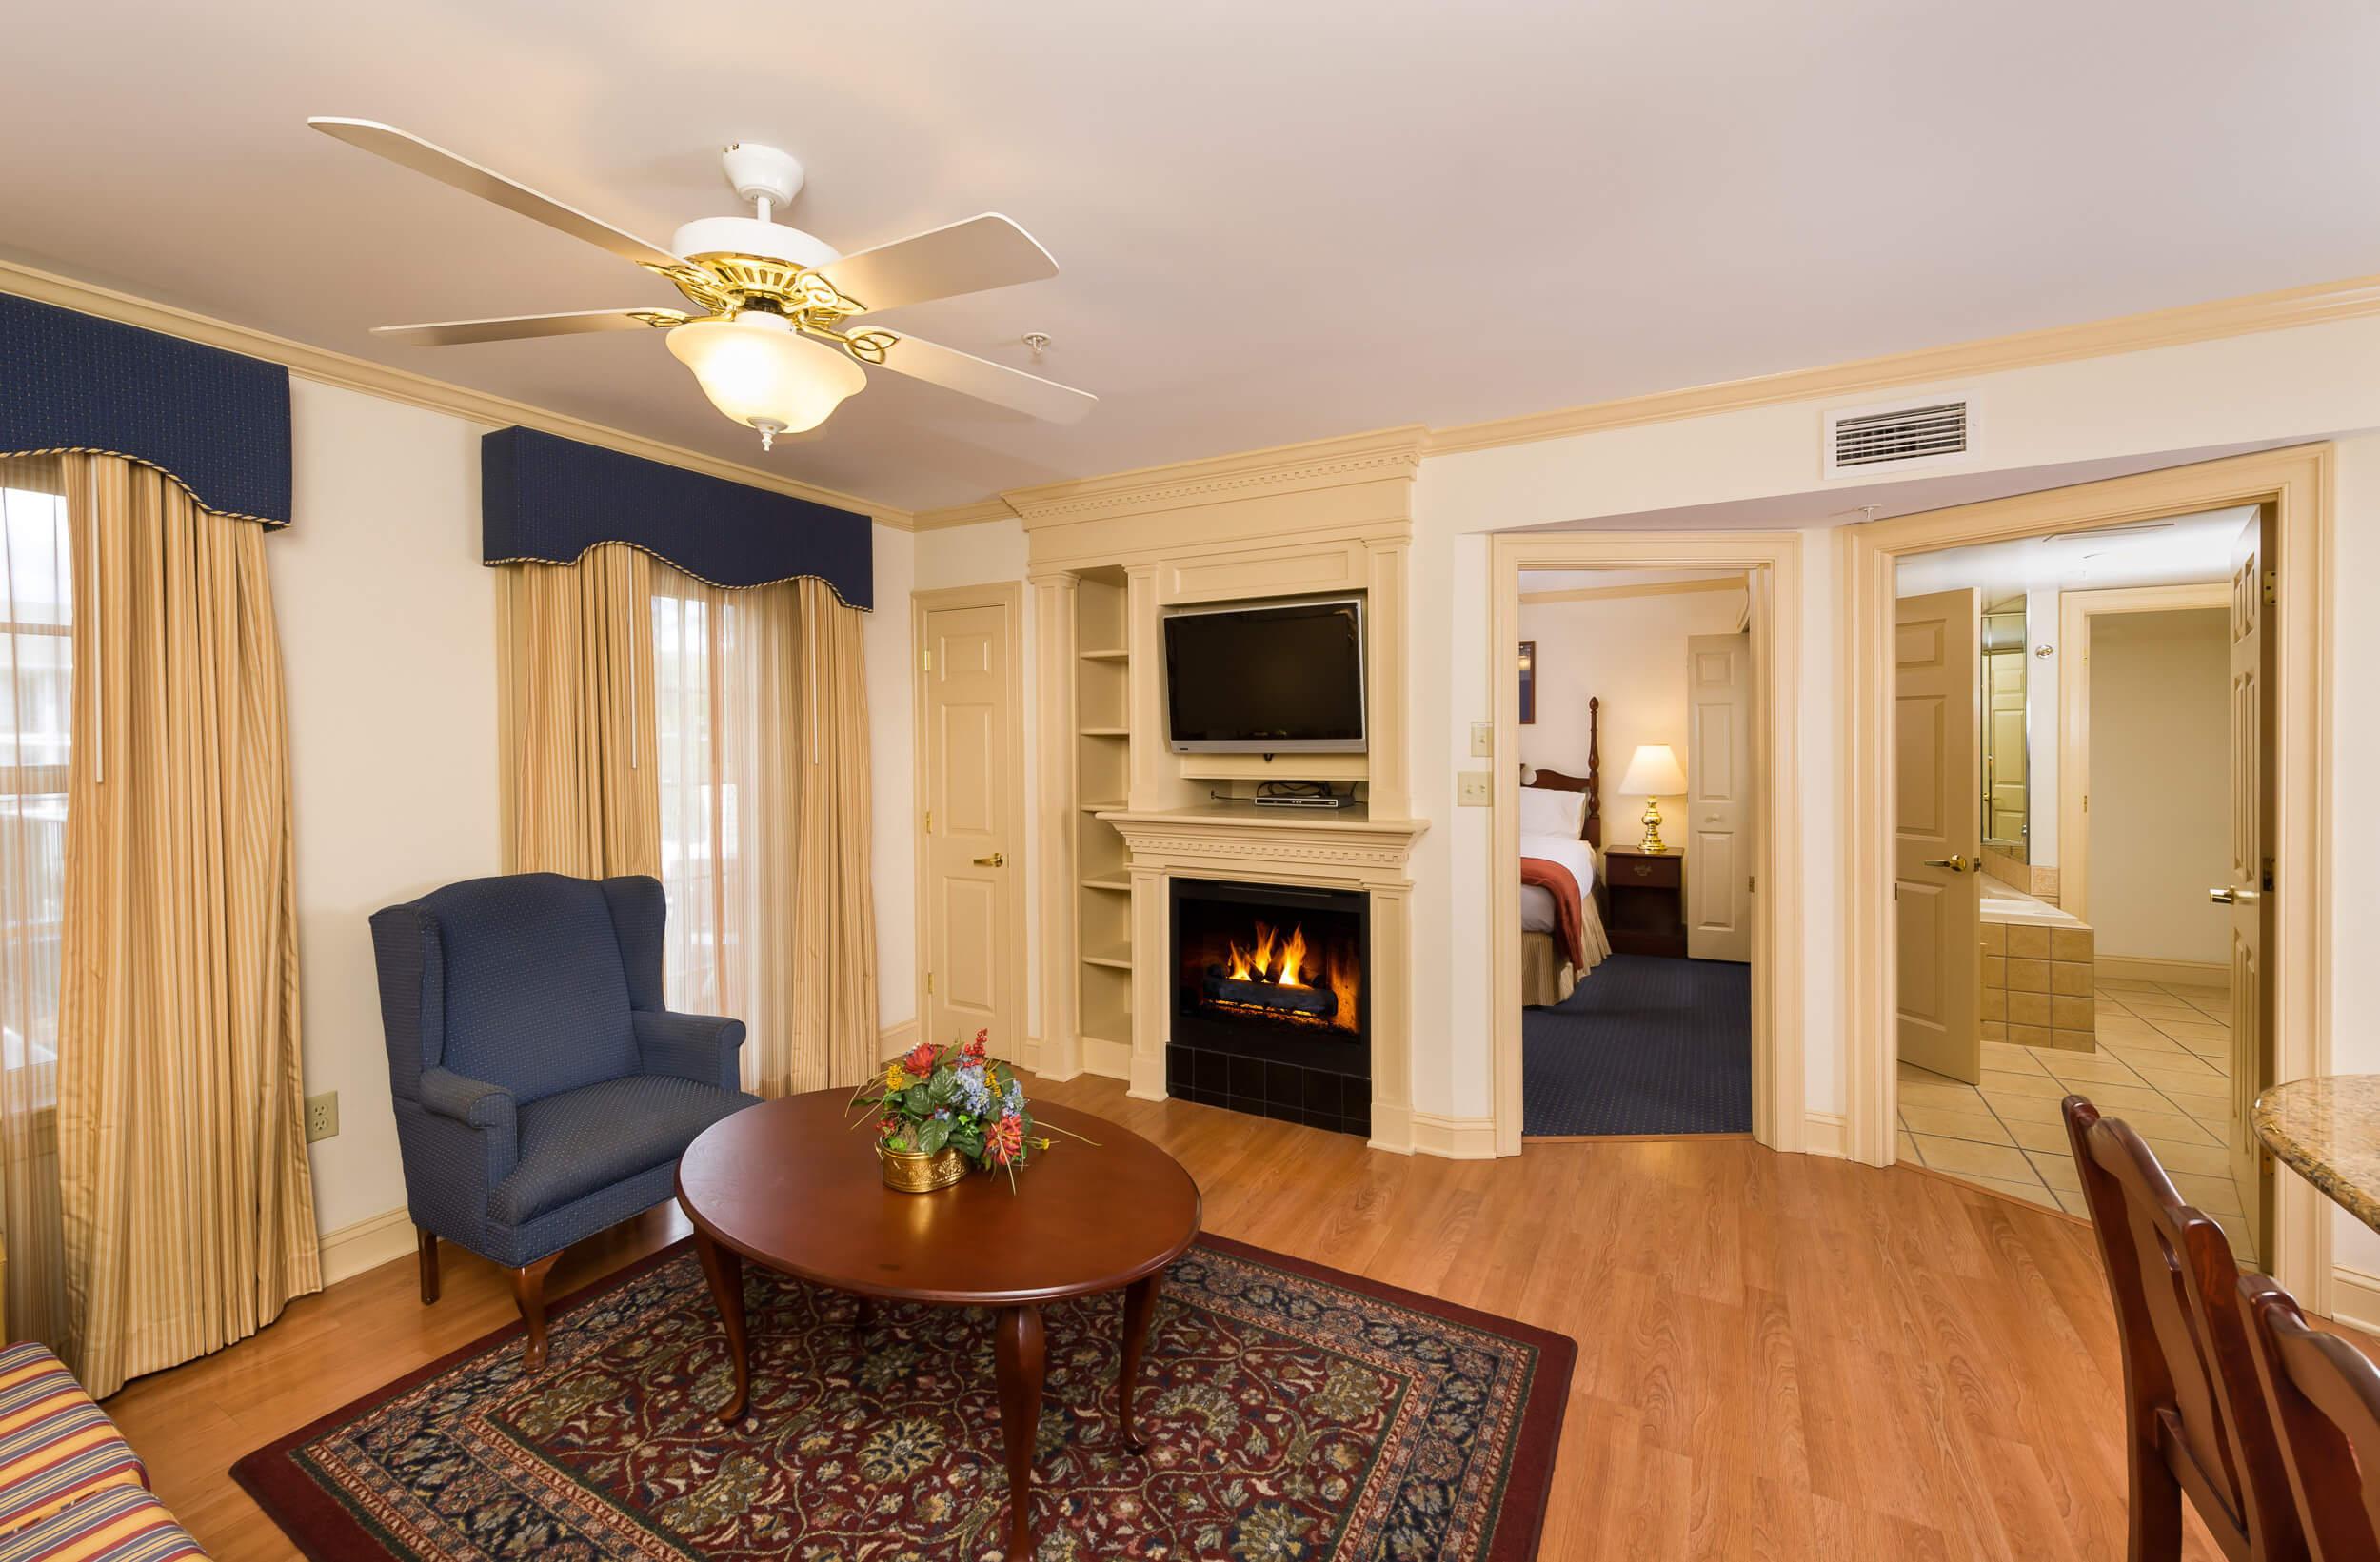 2 Bedroom Villa at our resort in Williamsburg VA | Westgate Historic Williamsburg Resort | Westgate Resorts